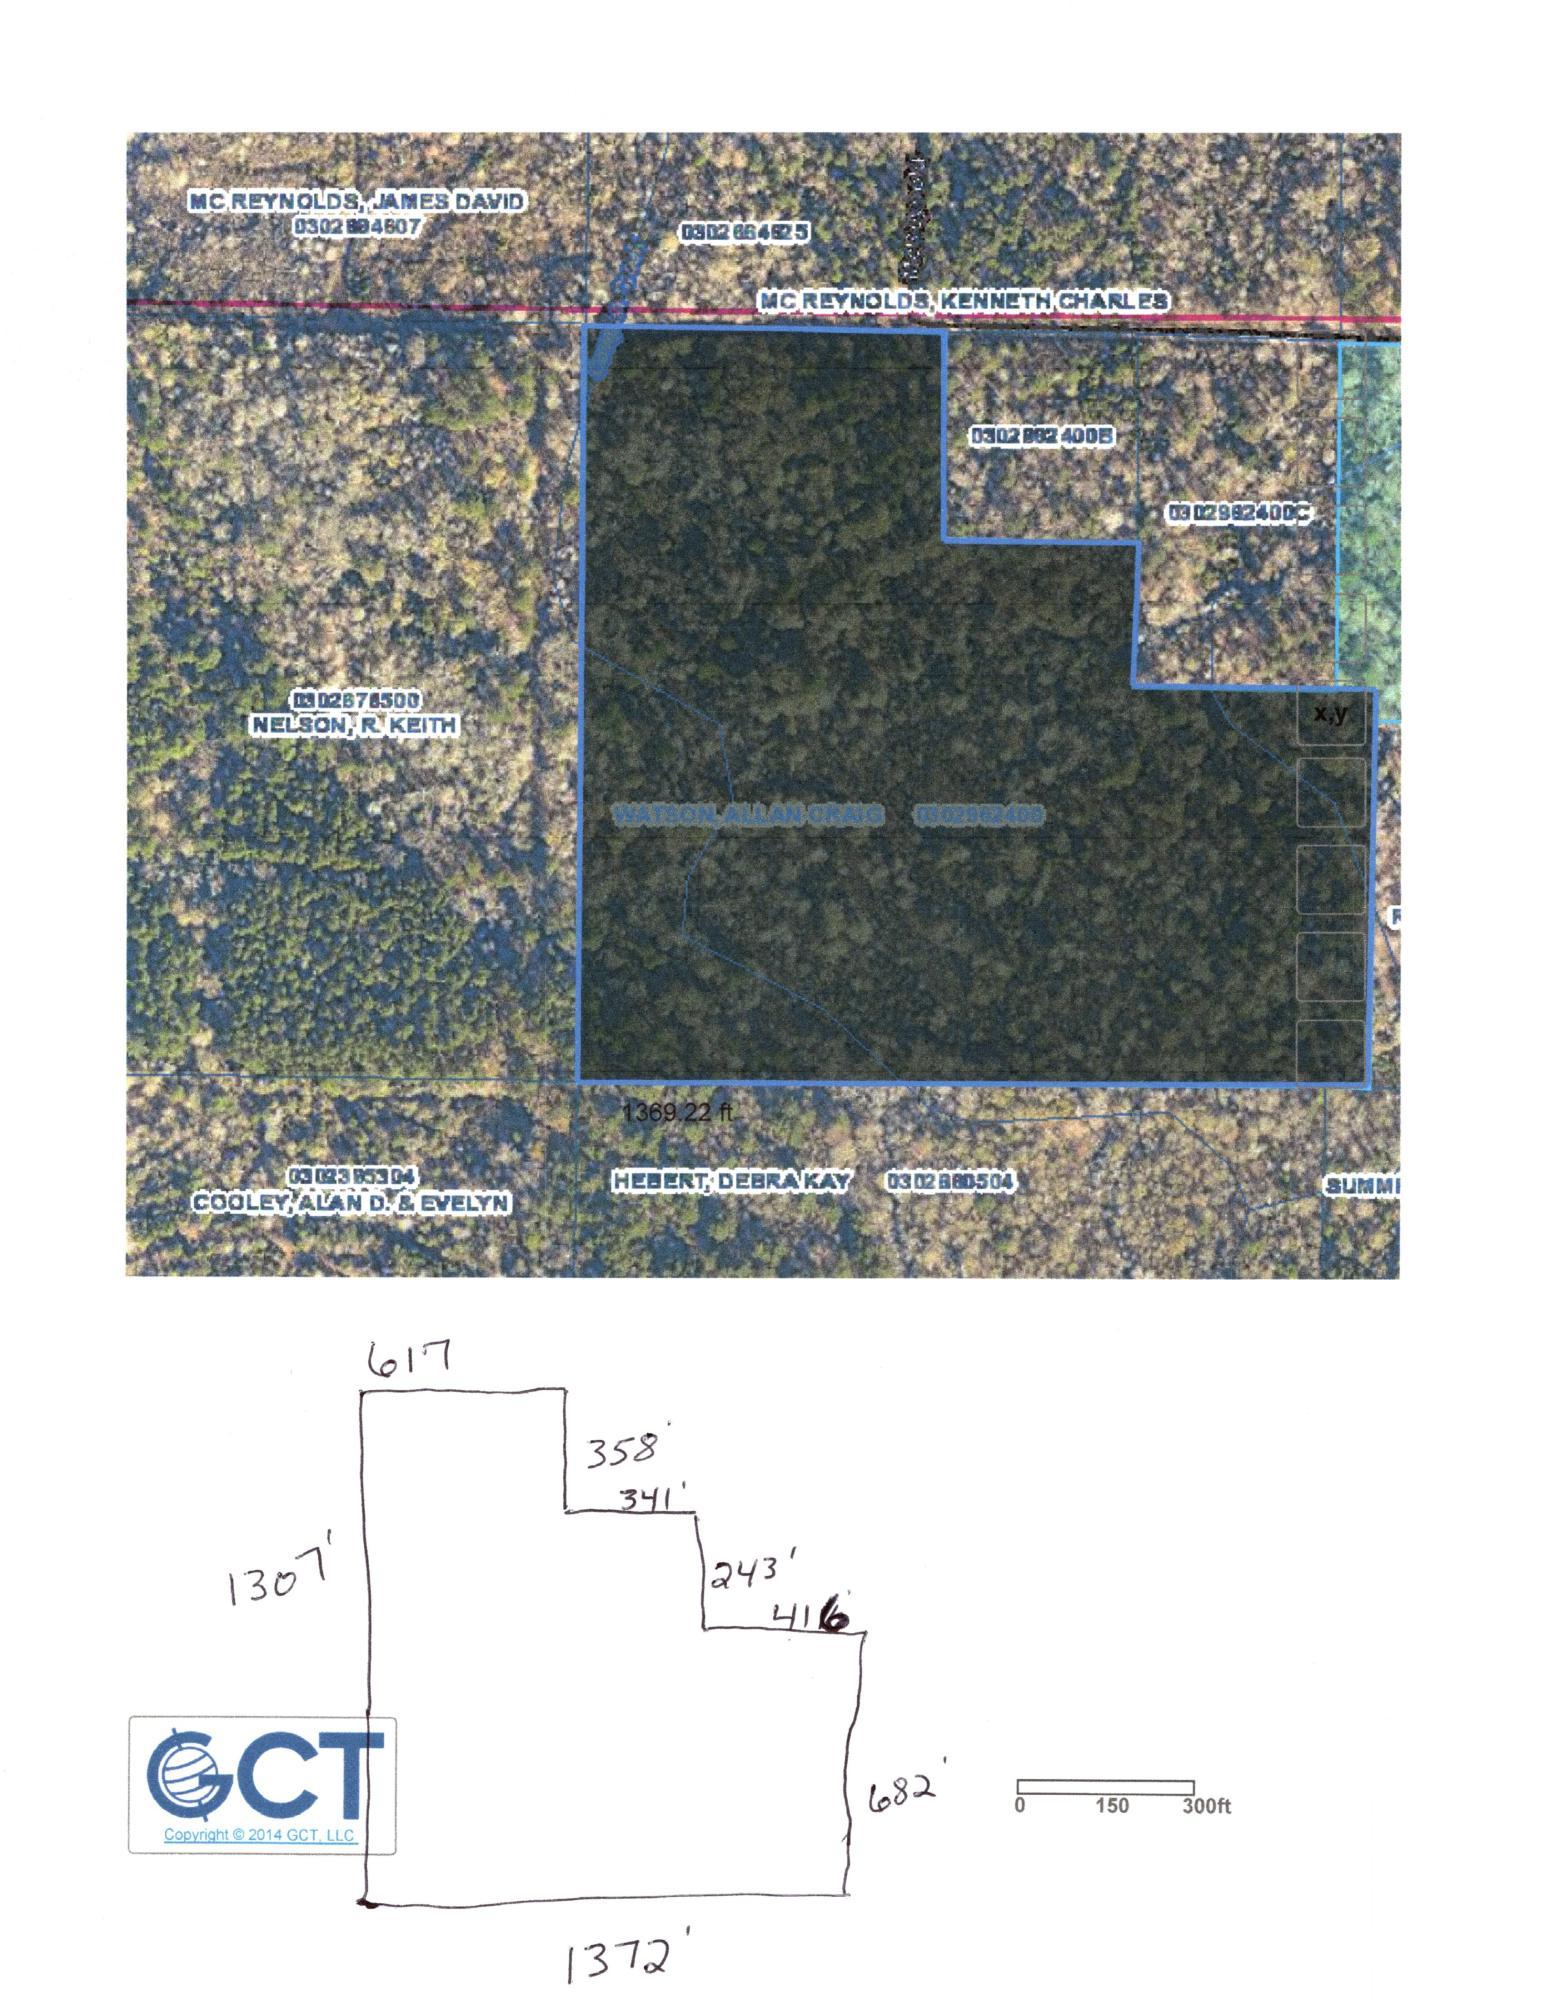 DeRidder land for sale,  TBD BEN ELSTON, DeRidder LA - $110,000